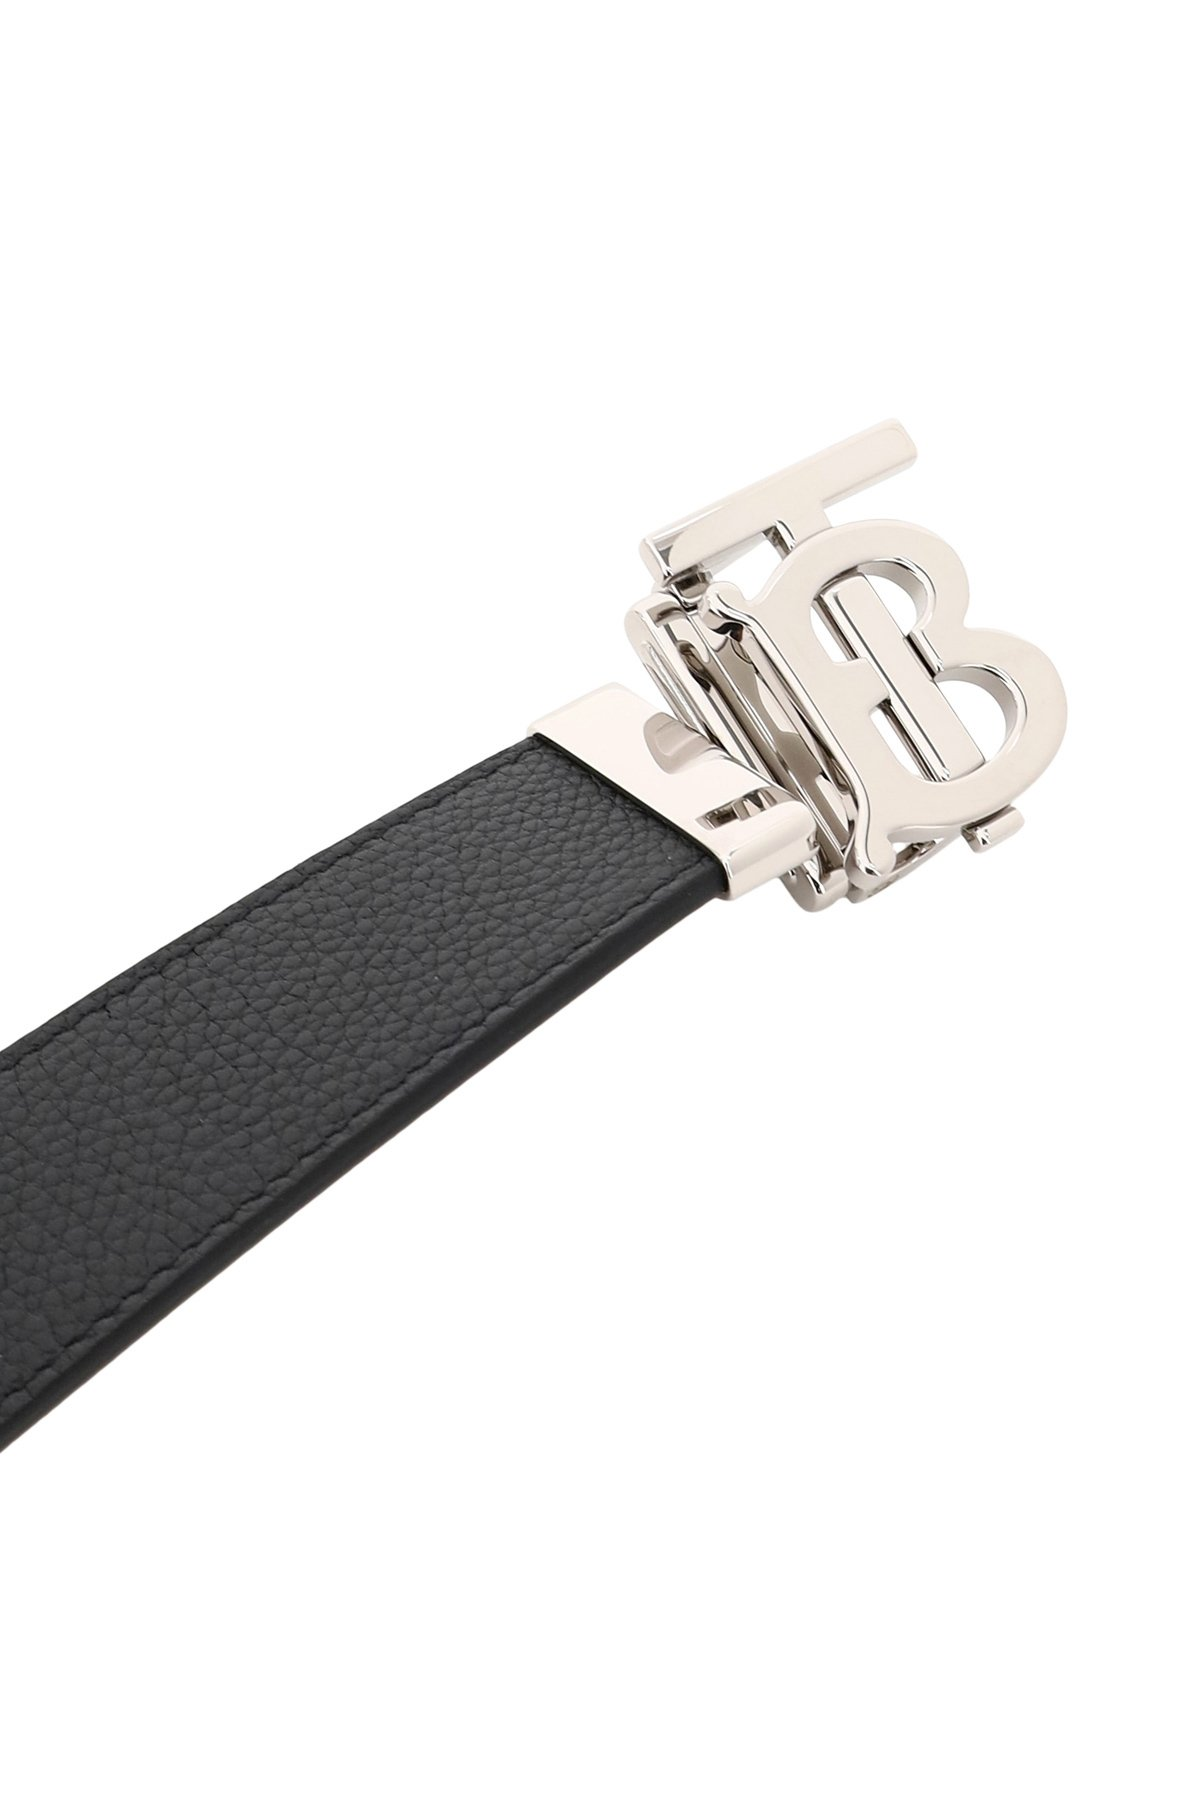 Burberry cintura reversibile tb buckle